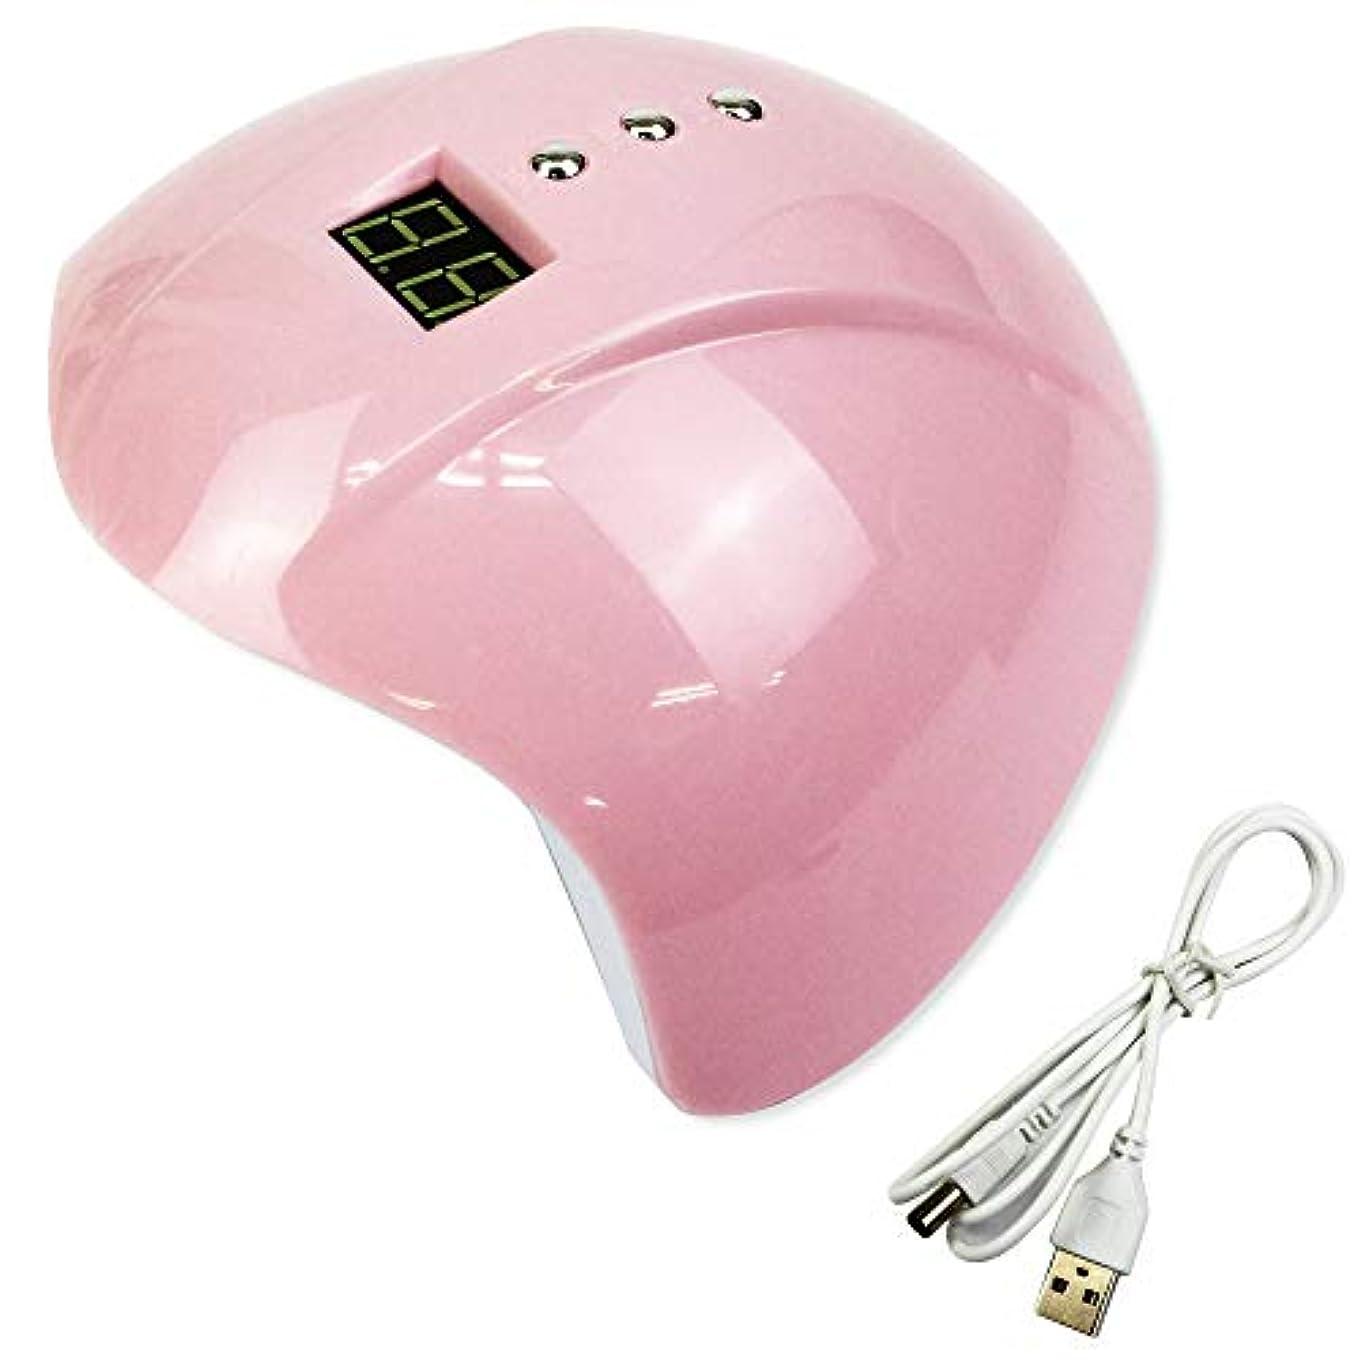 膜改善栄光のMUGEN ネイル LEDライト 硬化 ネイルドライヤー ジェルネイル UVライト 3段階タイマー ネイル道具 (ピンク)